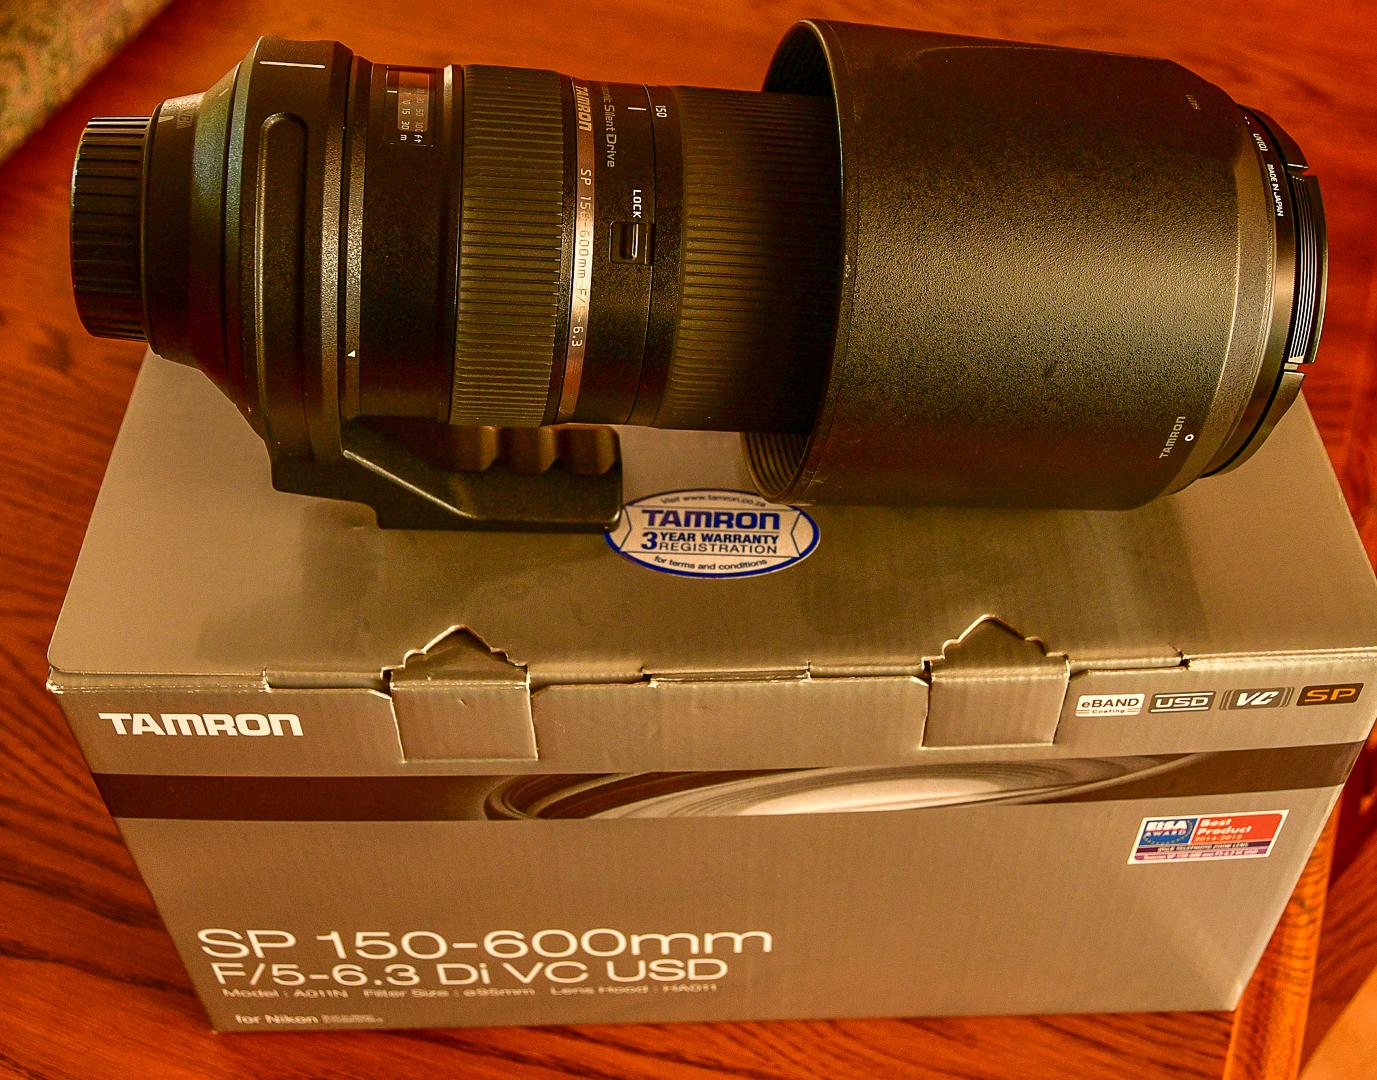 Tamron 150-600 F5-6.3 DI VC USD